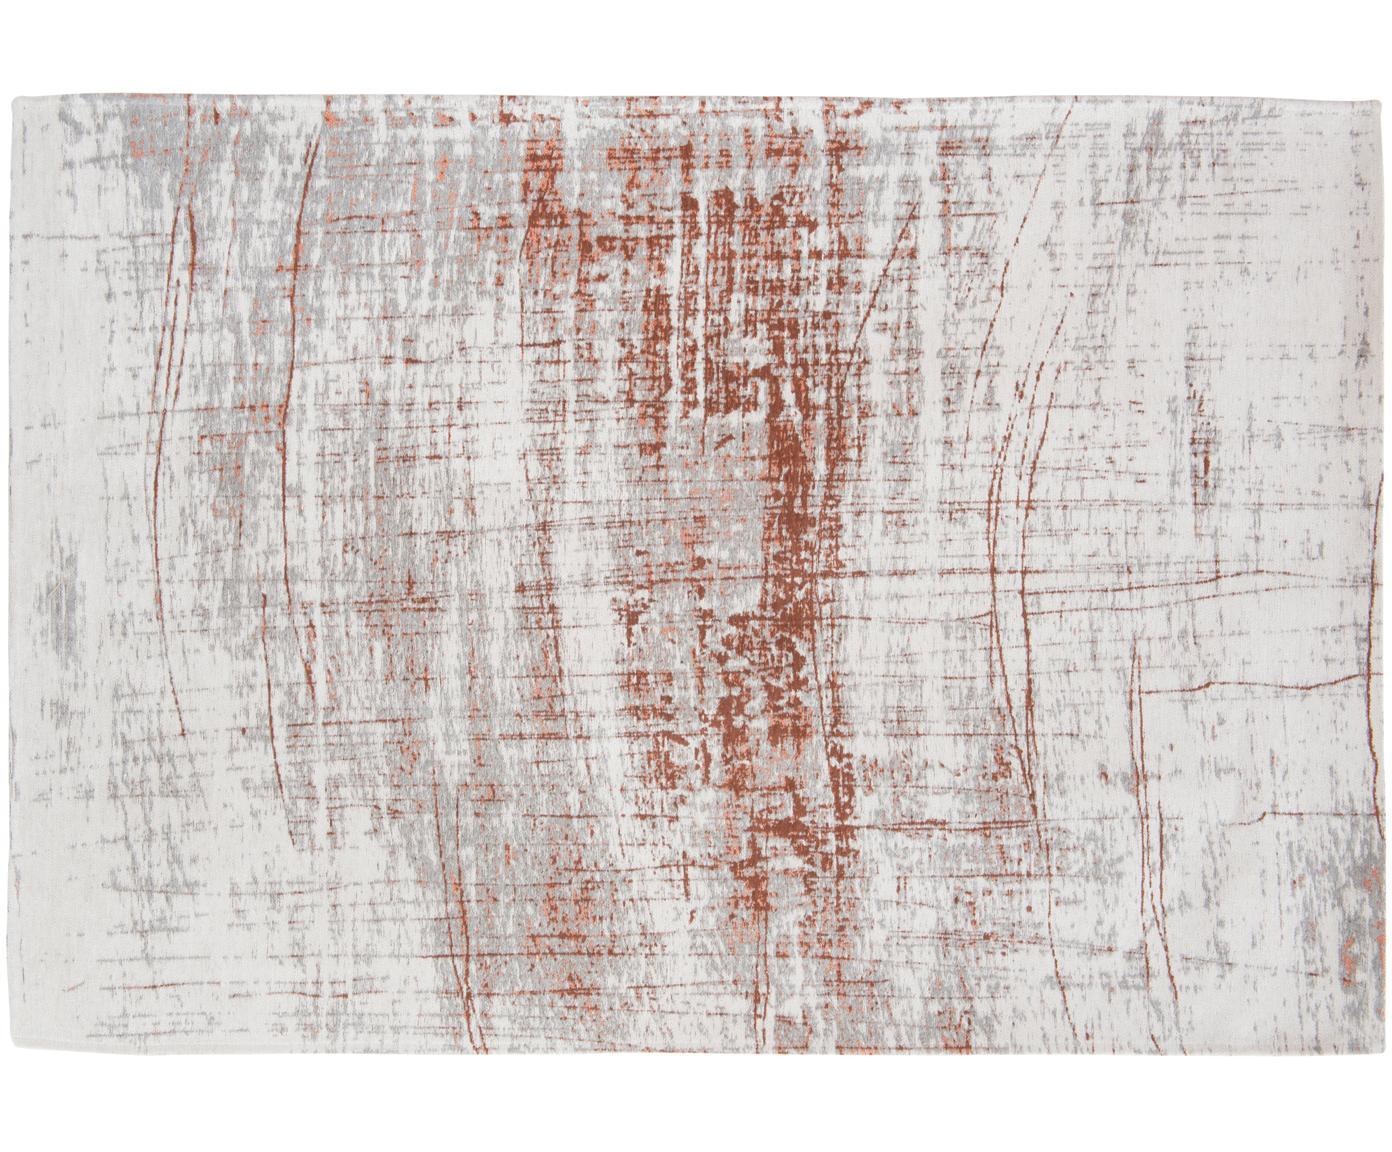 Teppich Griff, Vorderseite: 85%Baumwolle, 15%hochgl, Webart: Jacquard, Rückseite: Baumwollgemisch, latexbes, Vorderseite: Grau, Kupferfarben, gebrochenes Weiß, B 140 x L 200 cm (Größe S)